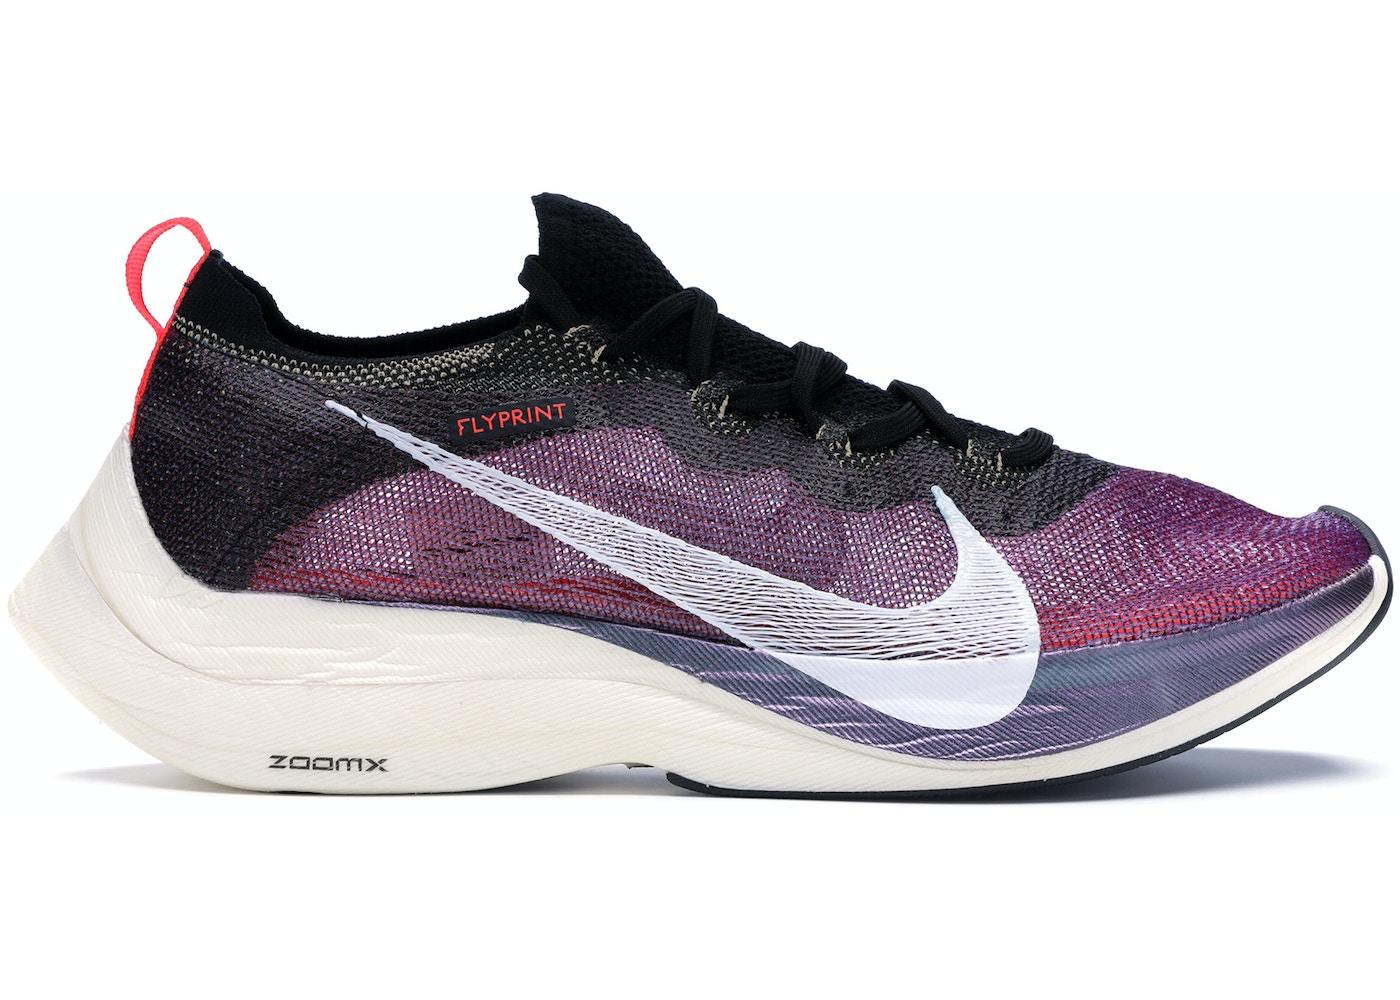 2fbbf1795dd65 Nike Zoom Vaporfly Elite Flyprint Chicago NYC Marathon Tokyo 2019 -  BV1385-002